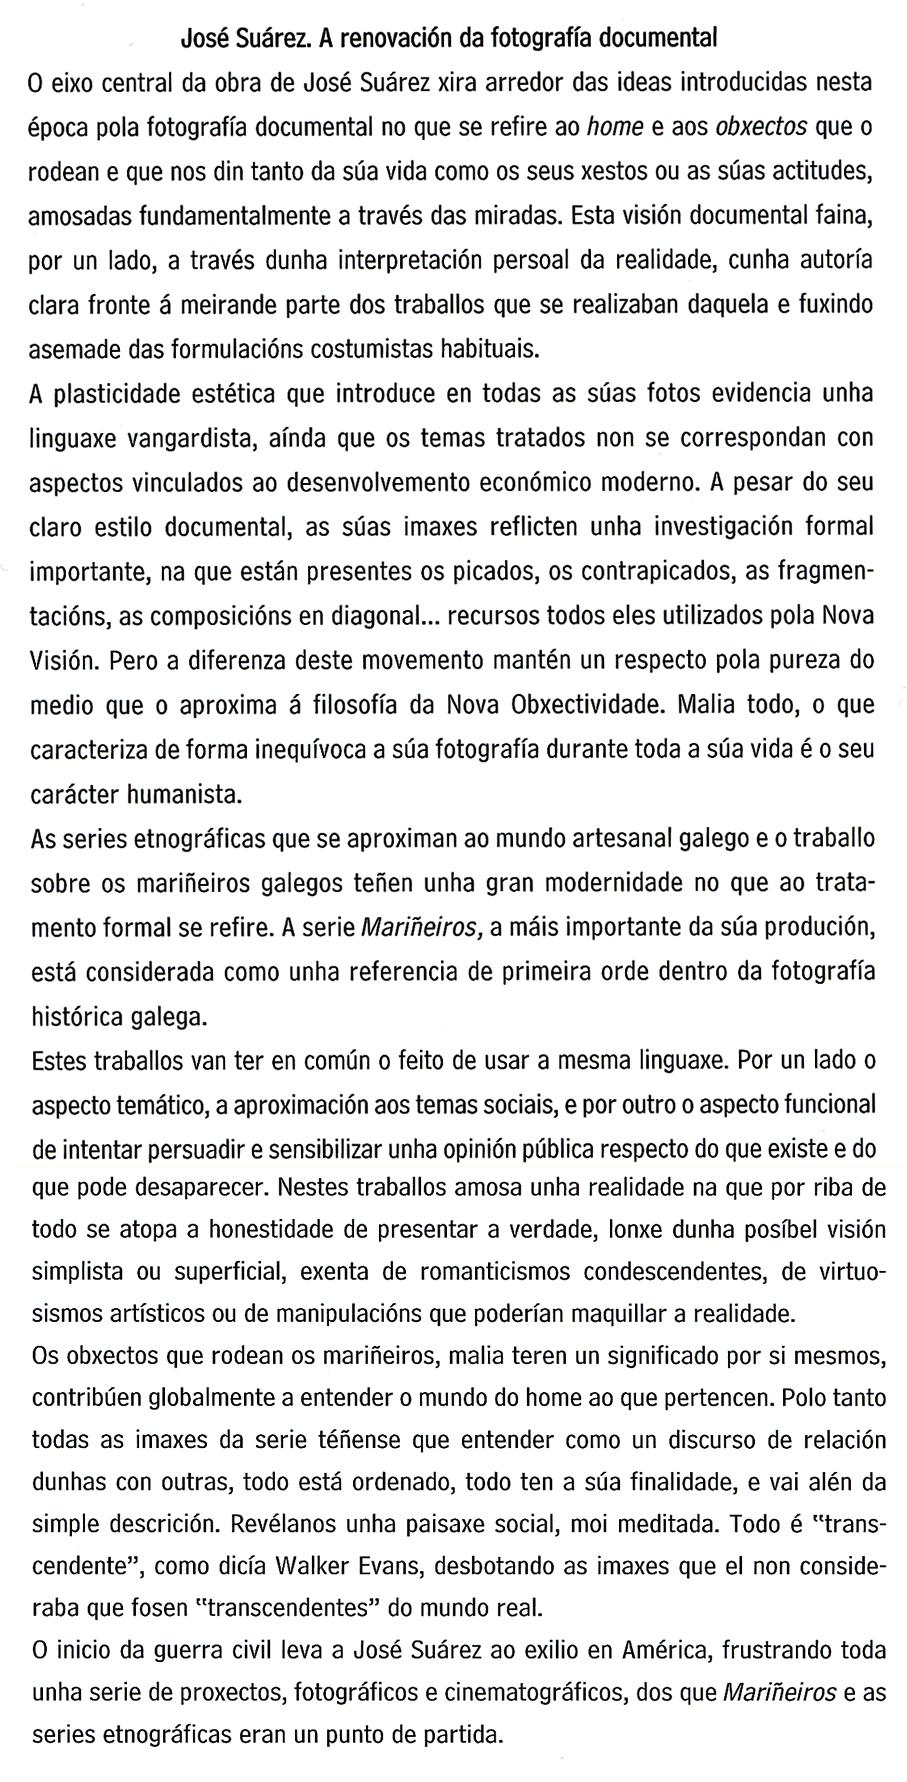 Galicia moderna.Extracto J Suarez